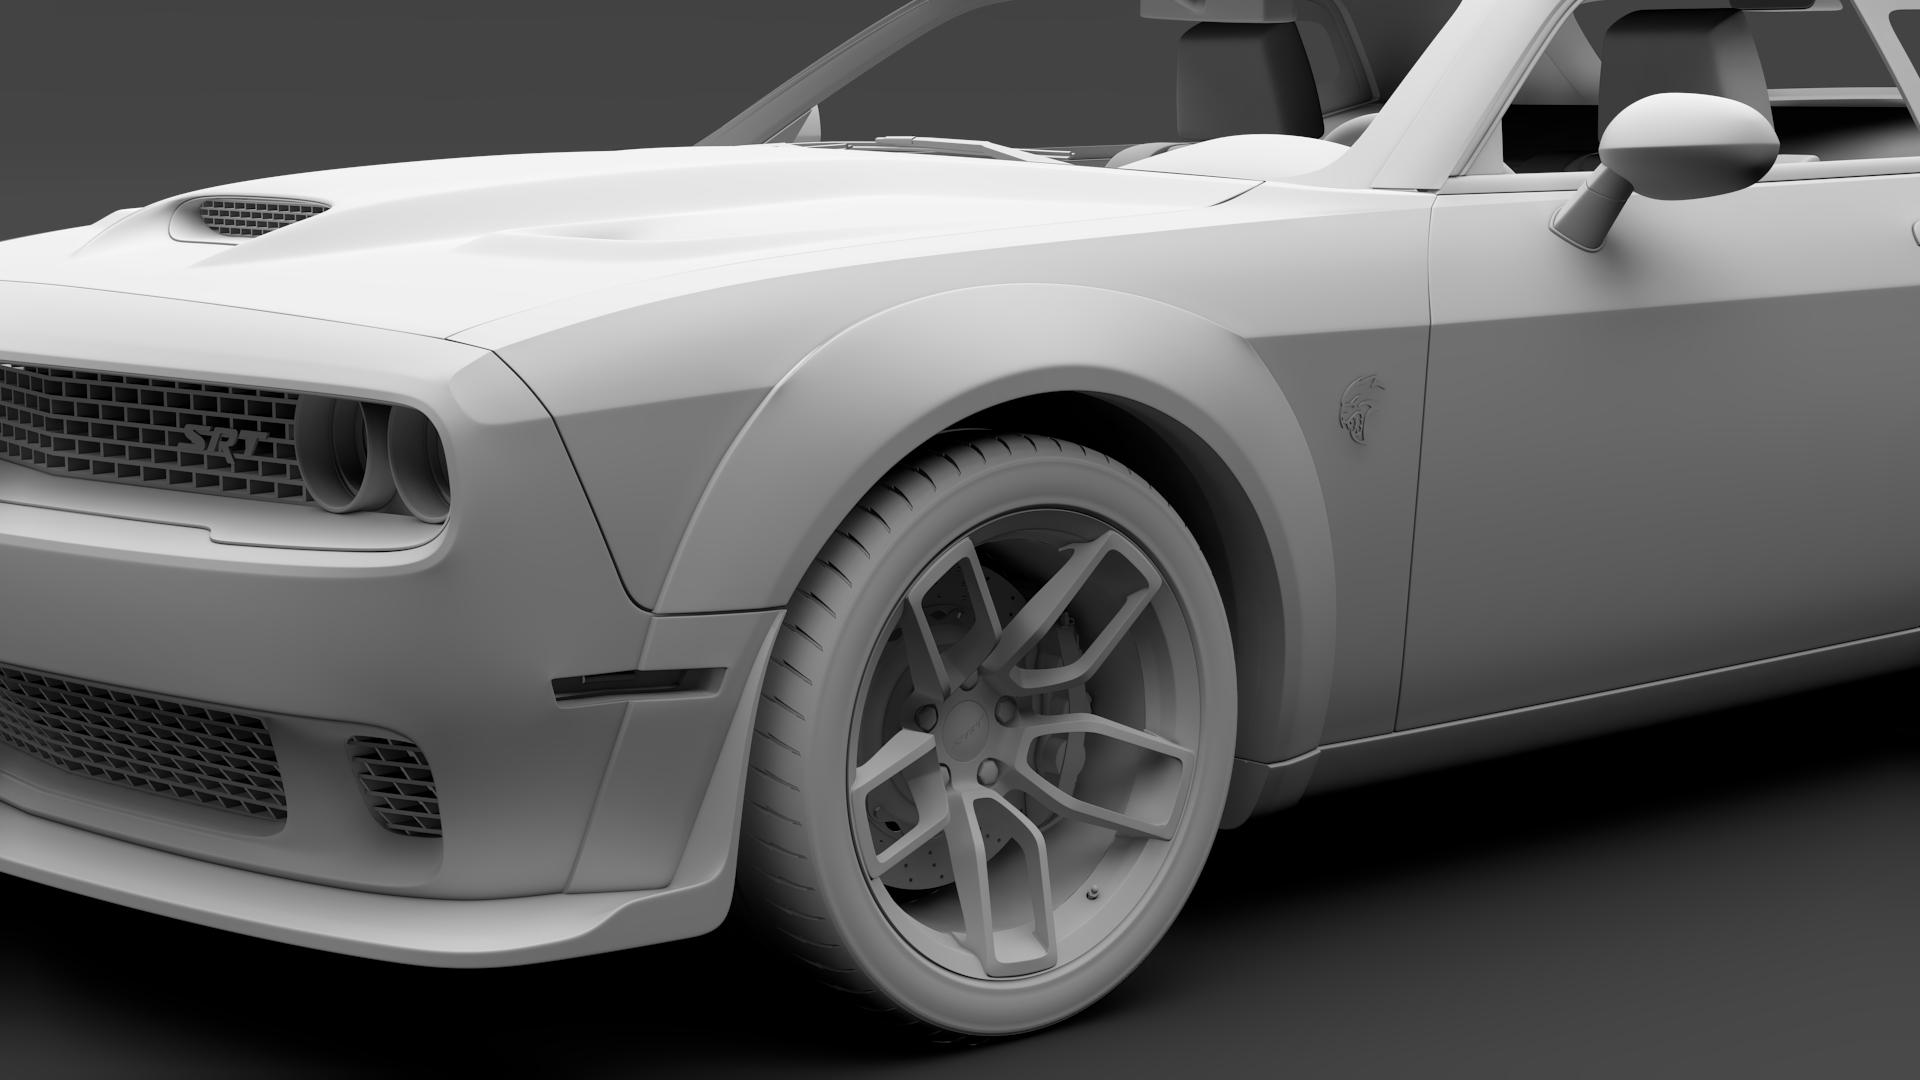 Dodge Challenger Srt Hellcat Widebody 2018 By Creator 3d